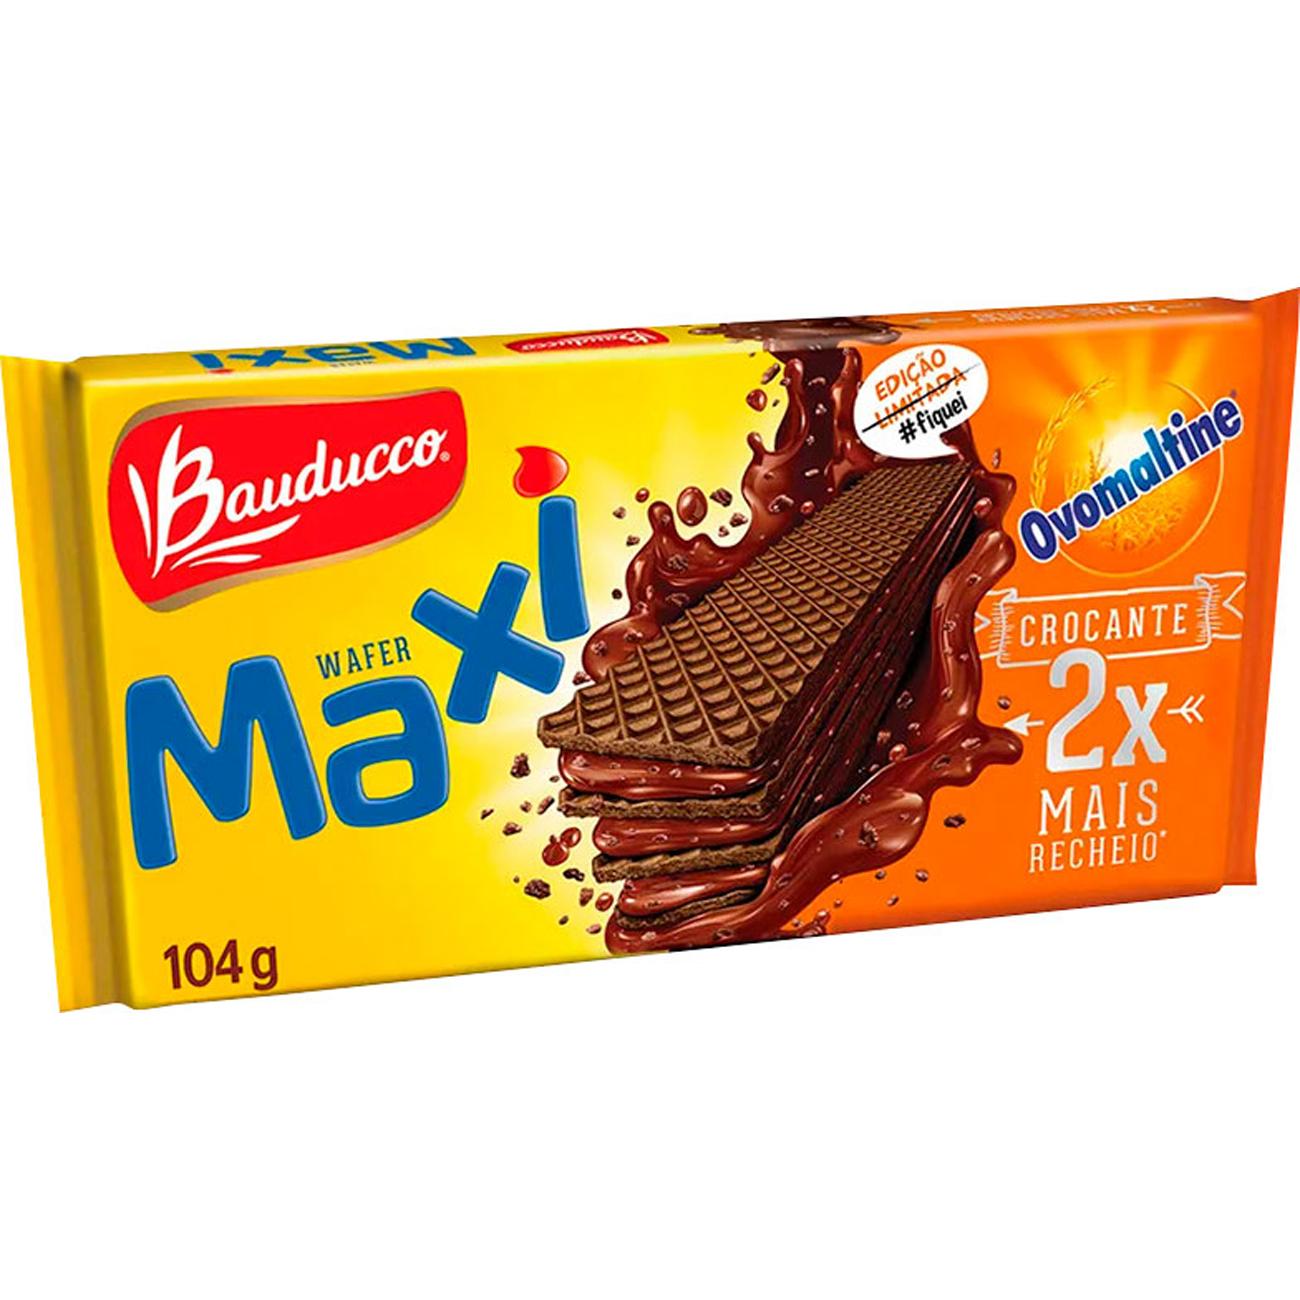 Biscoito Bauducco 104G Wafer Ovomaltine